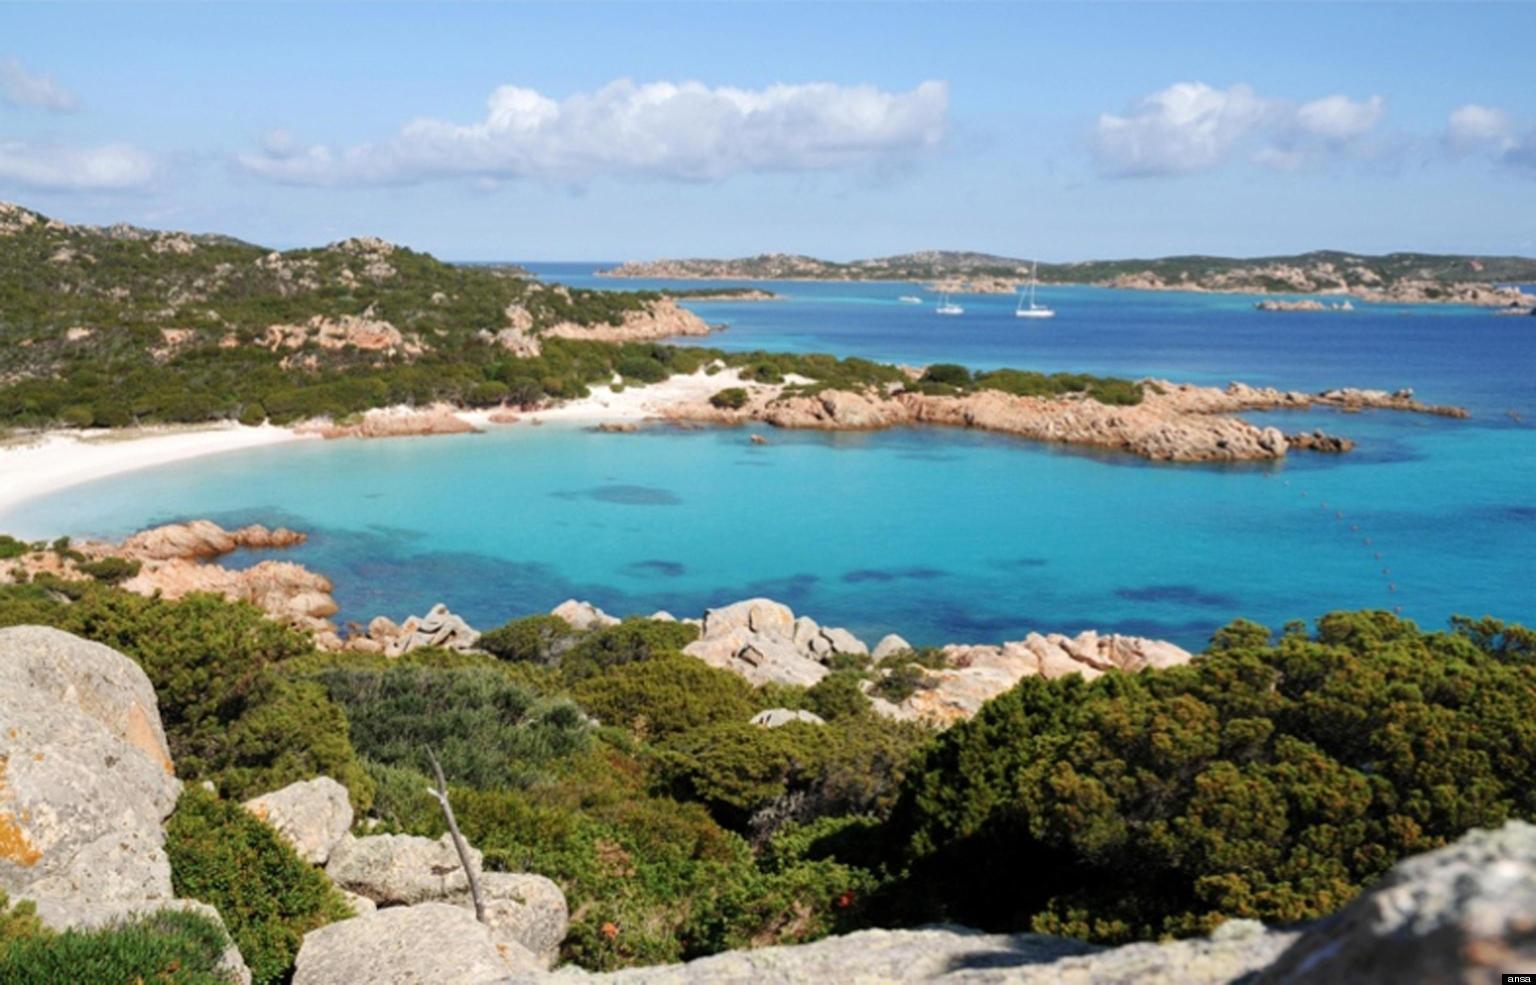 Sardegna Isola di Budelli e spiaggia rosa vale 3 milioni di euro se ministero non la comprer